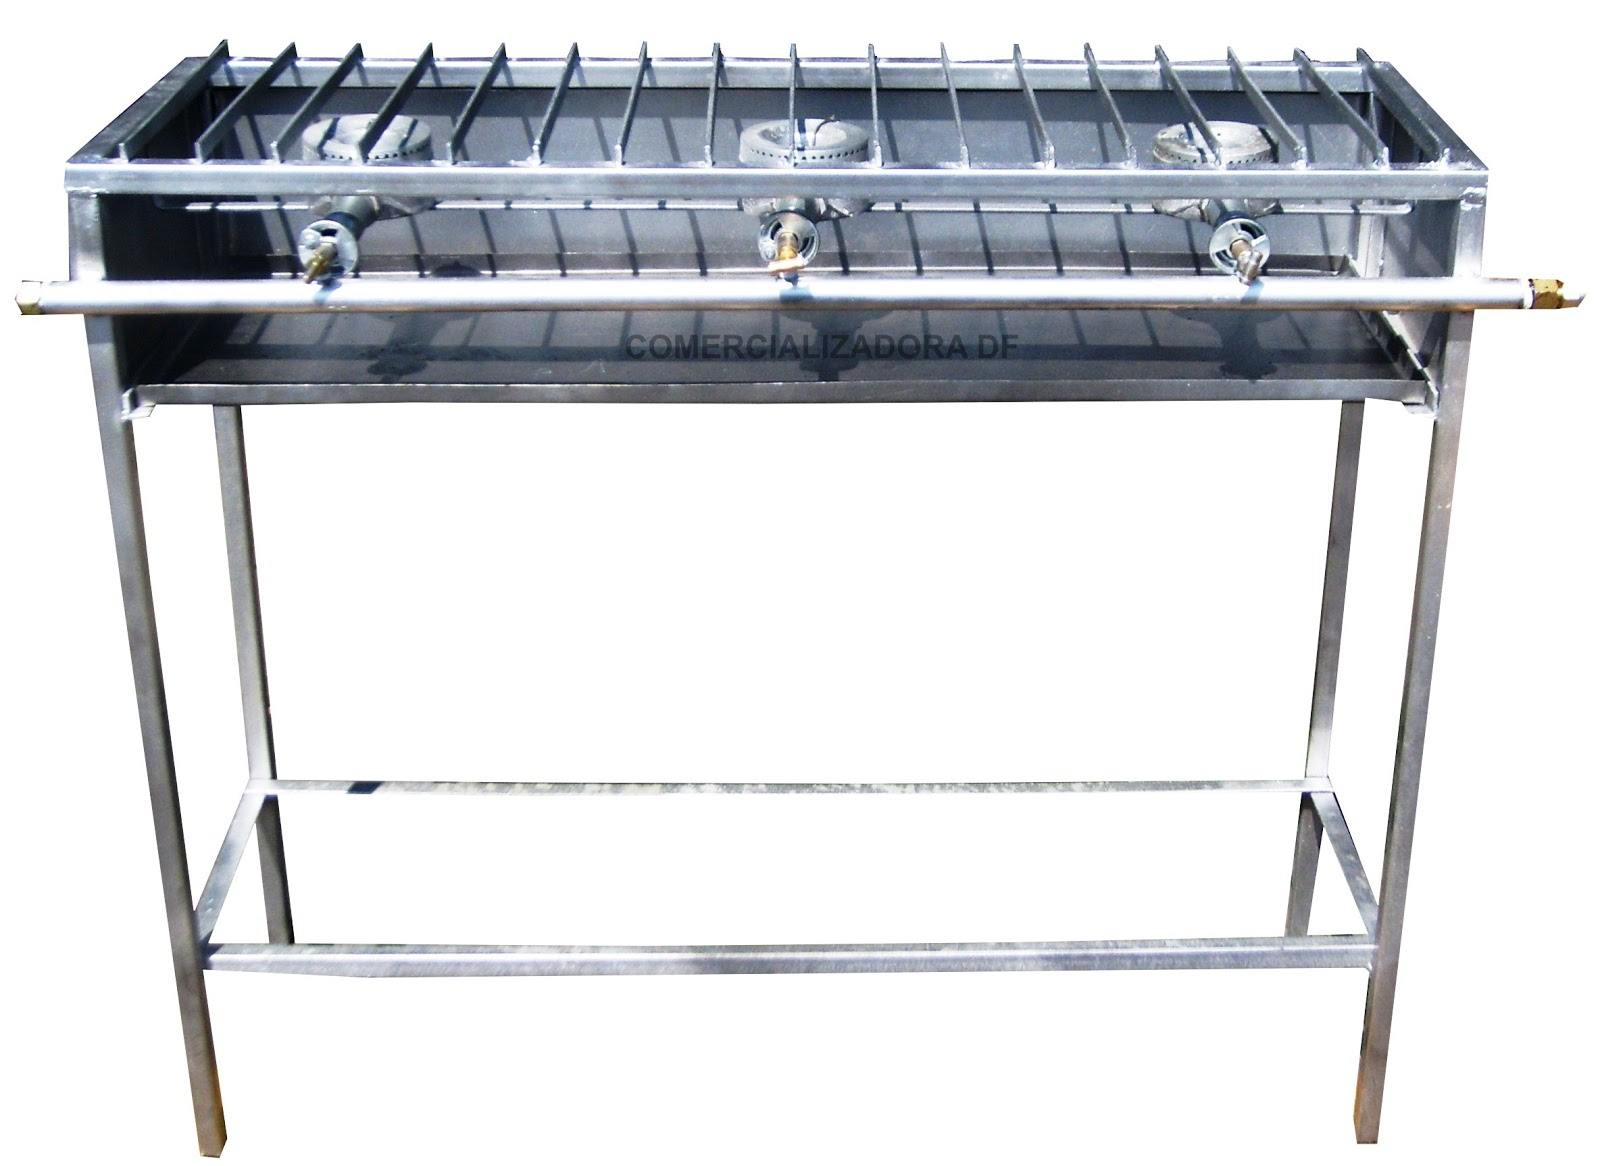 Soluchef estufas y estufones - Precio queroseno para estufas ...